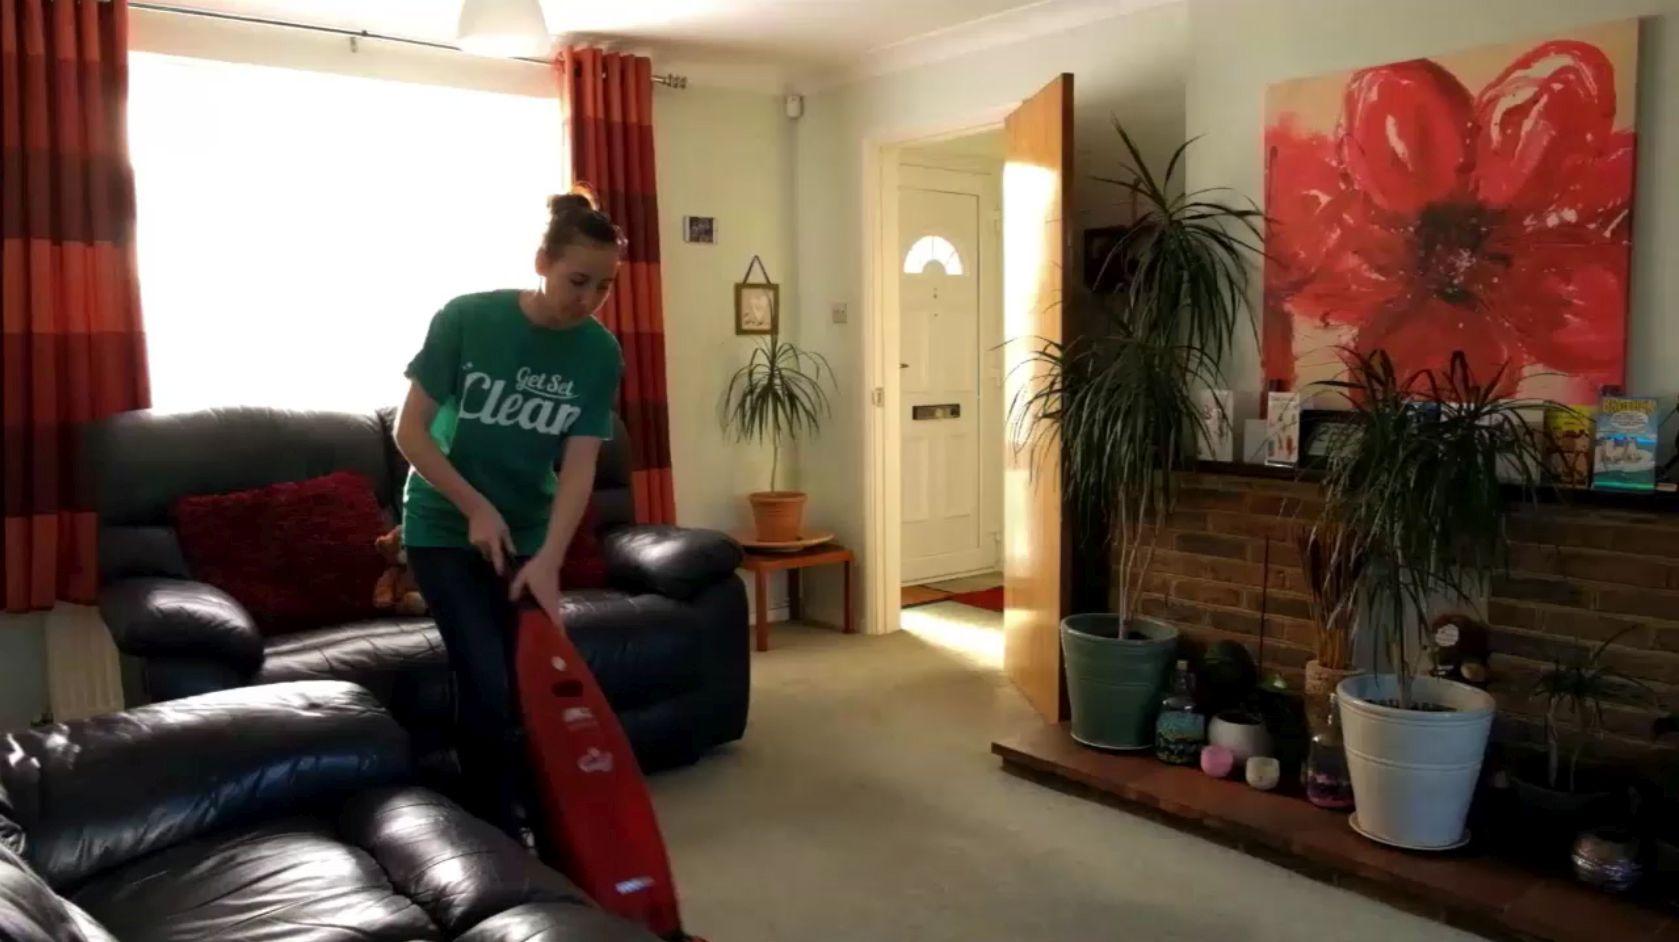 Get set clean